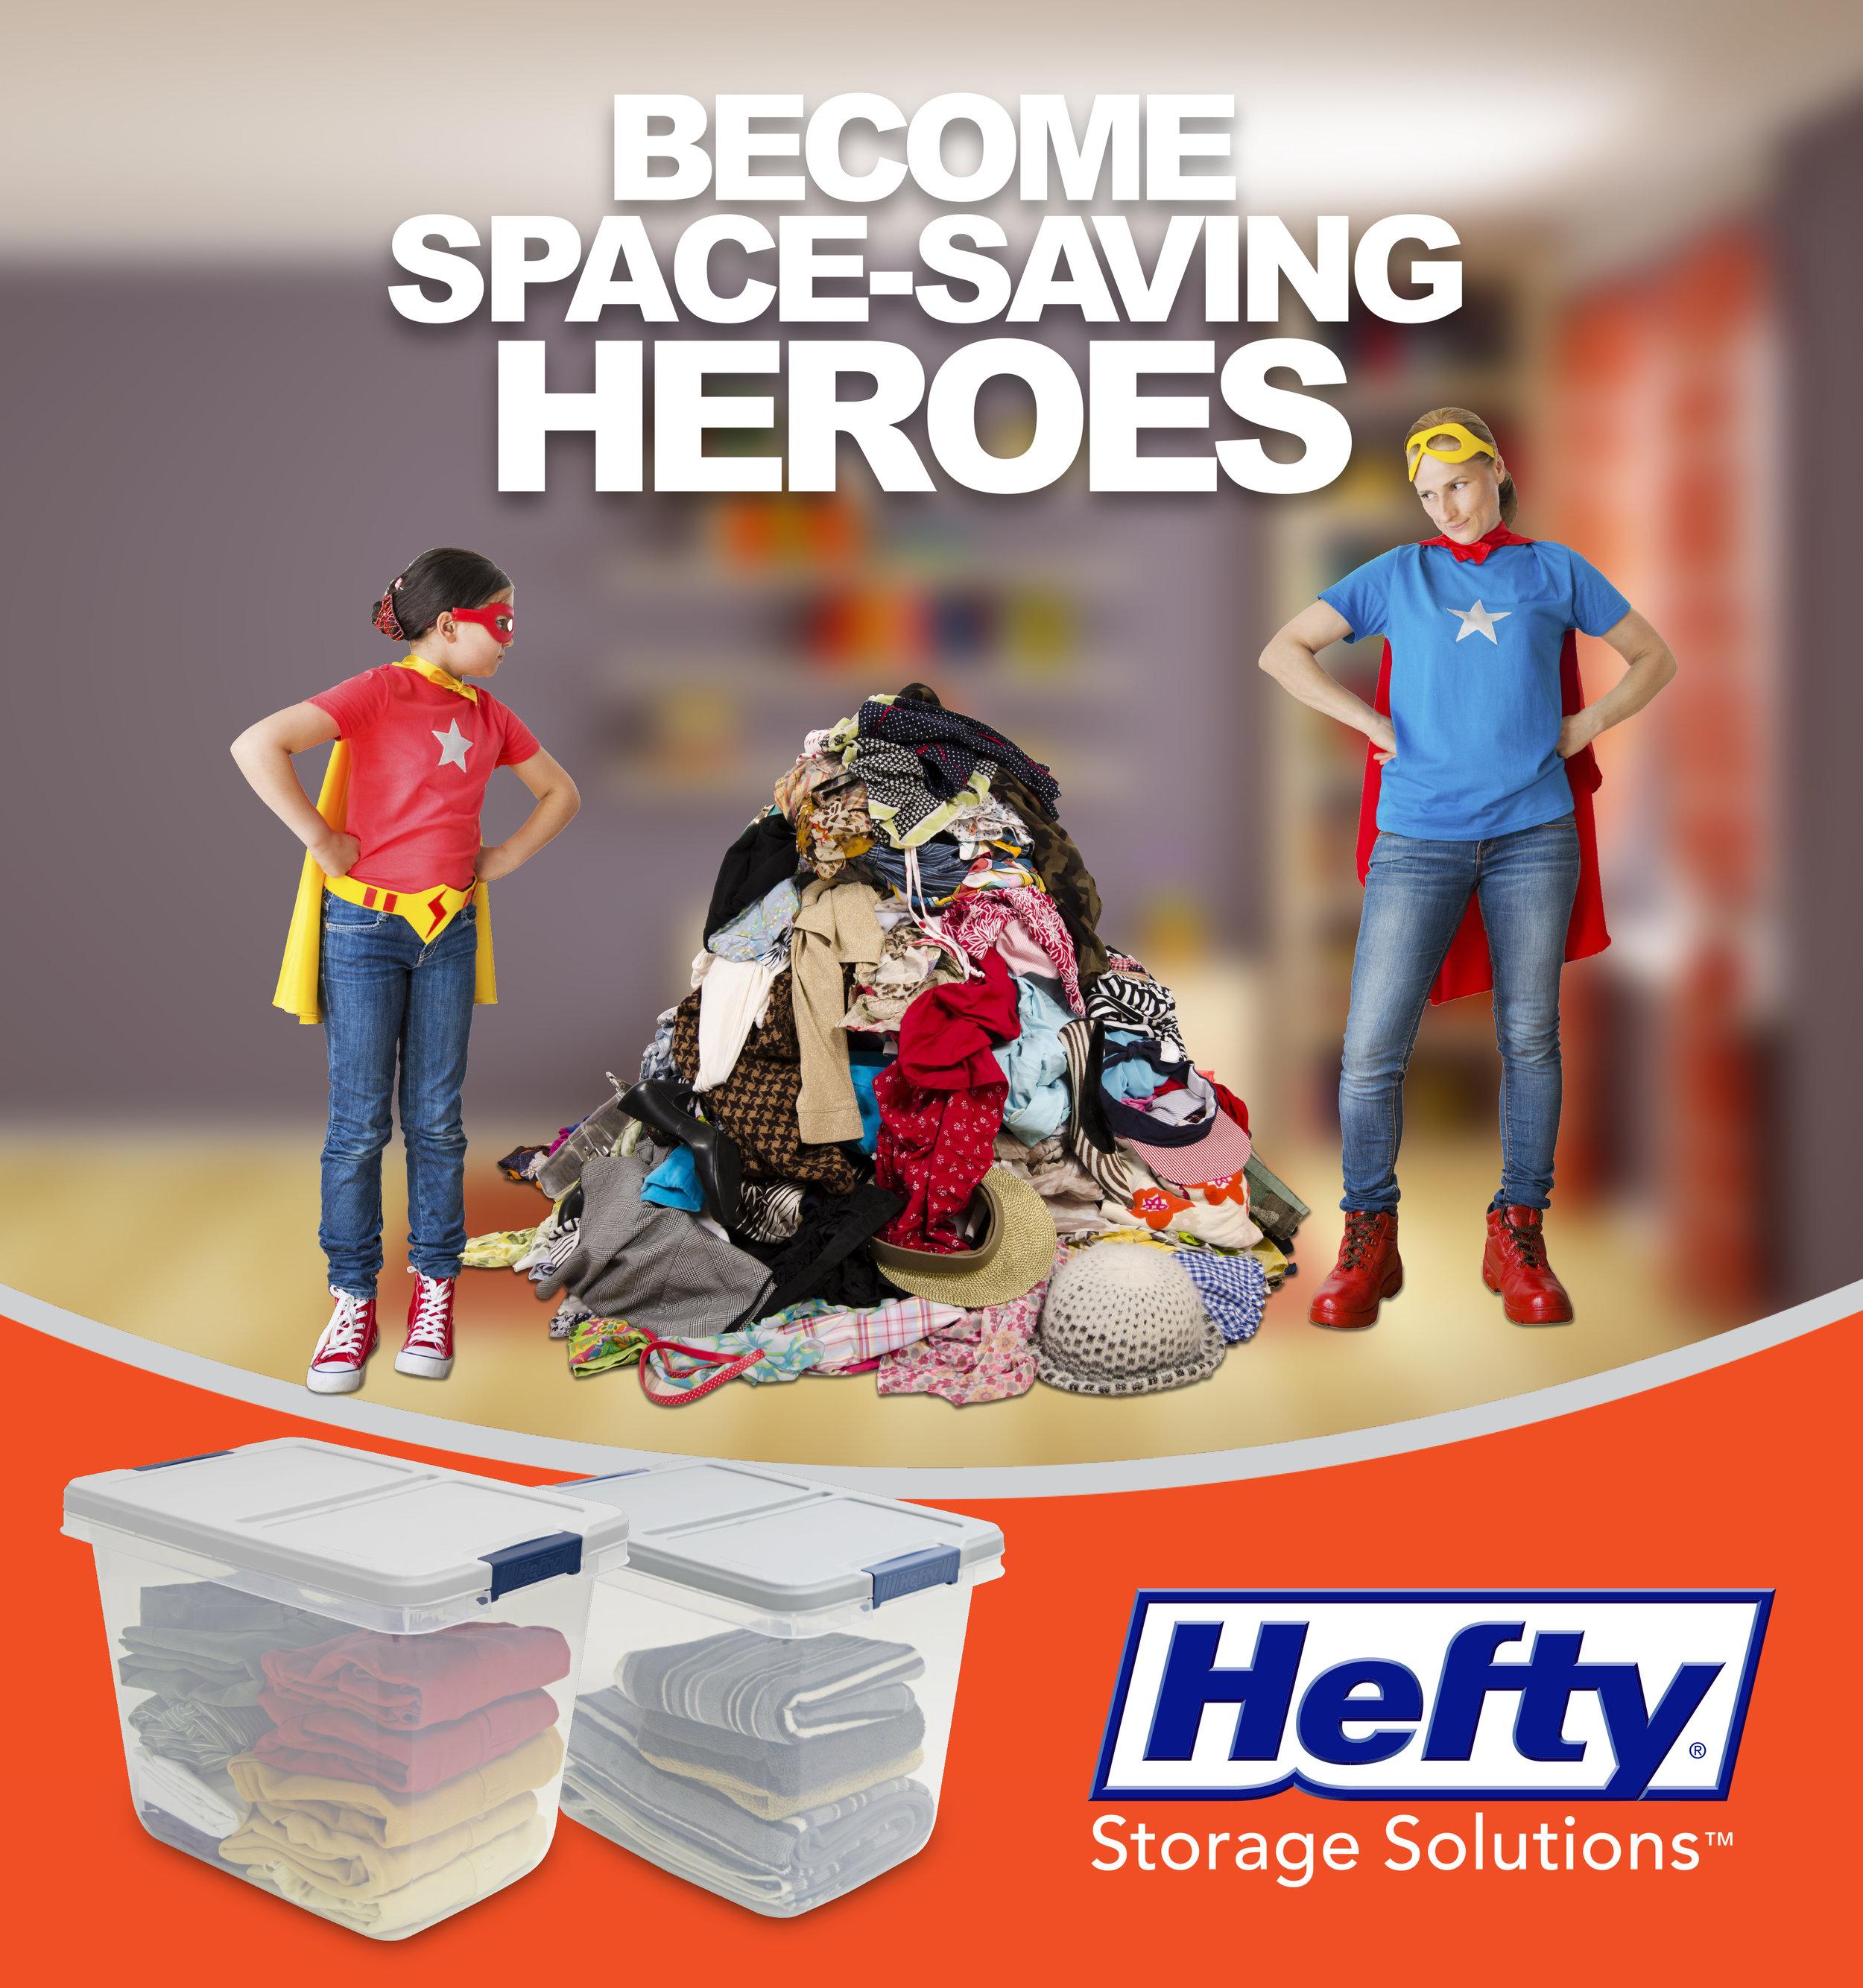 Hefty-HeroesPromo.jpg